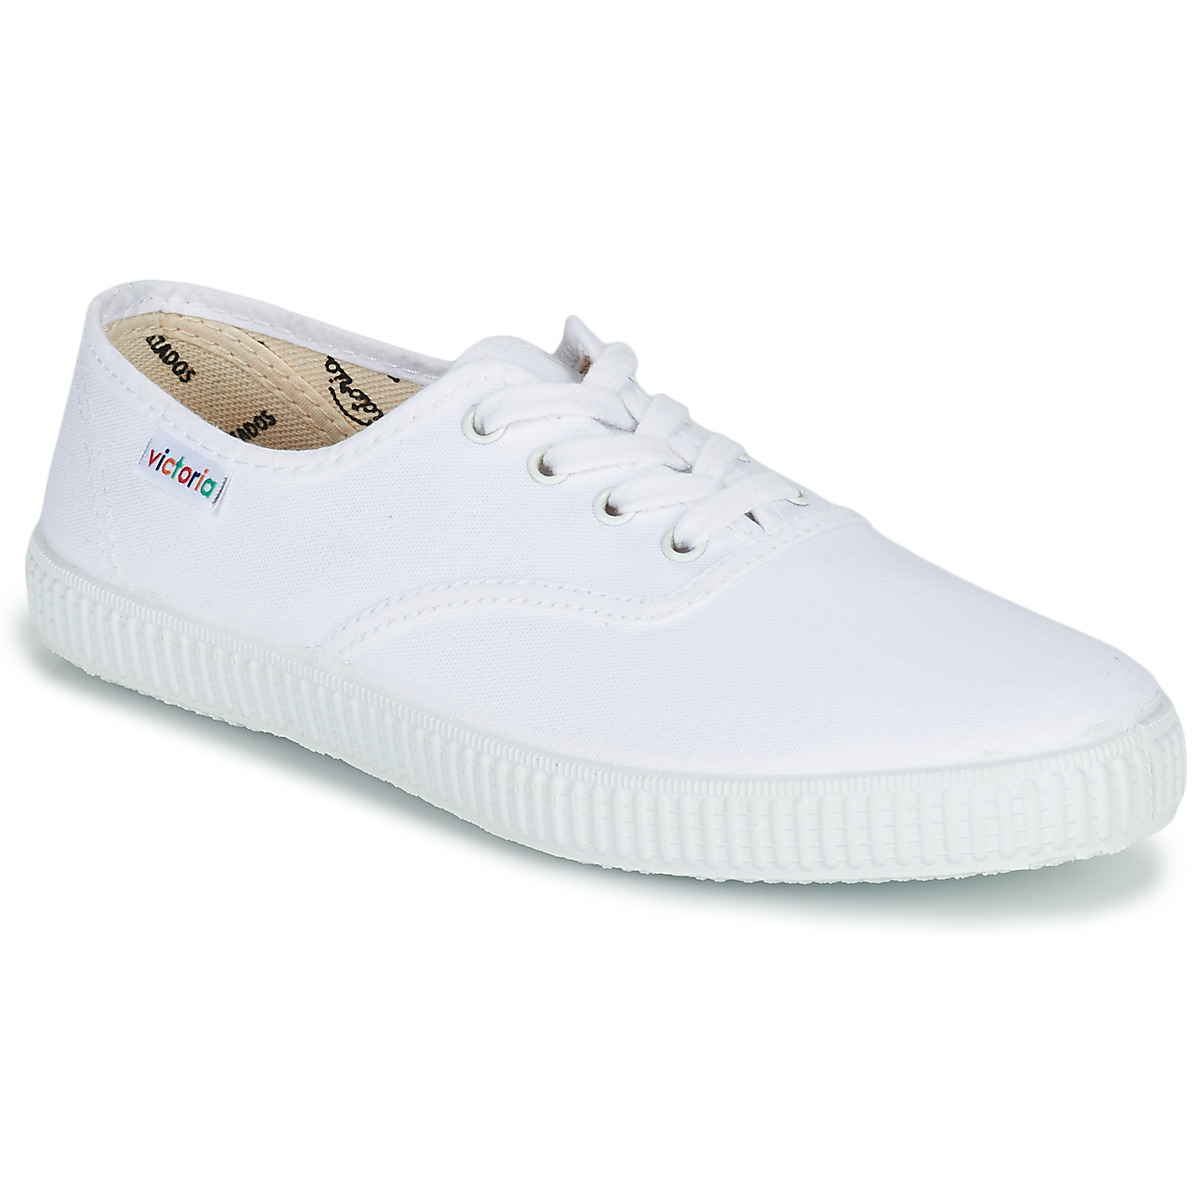 Victoria 6613 White